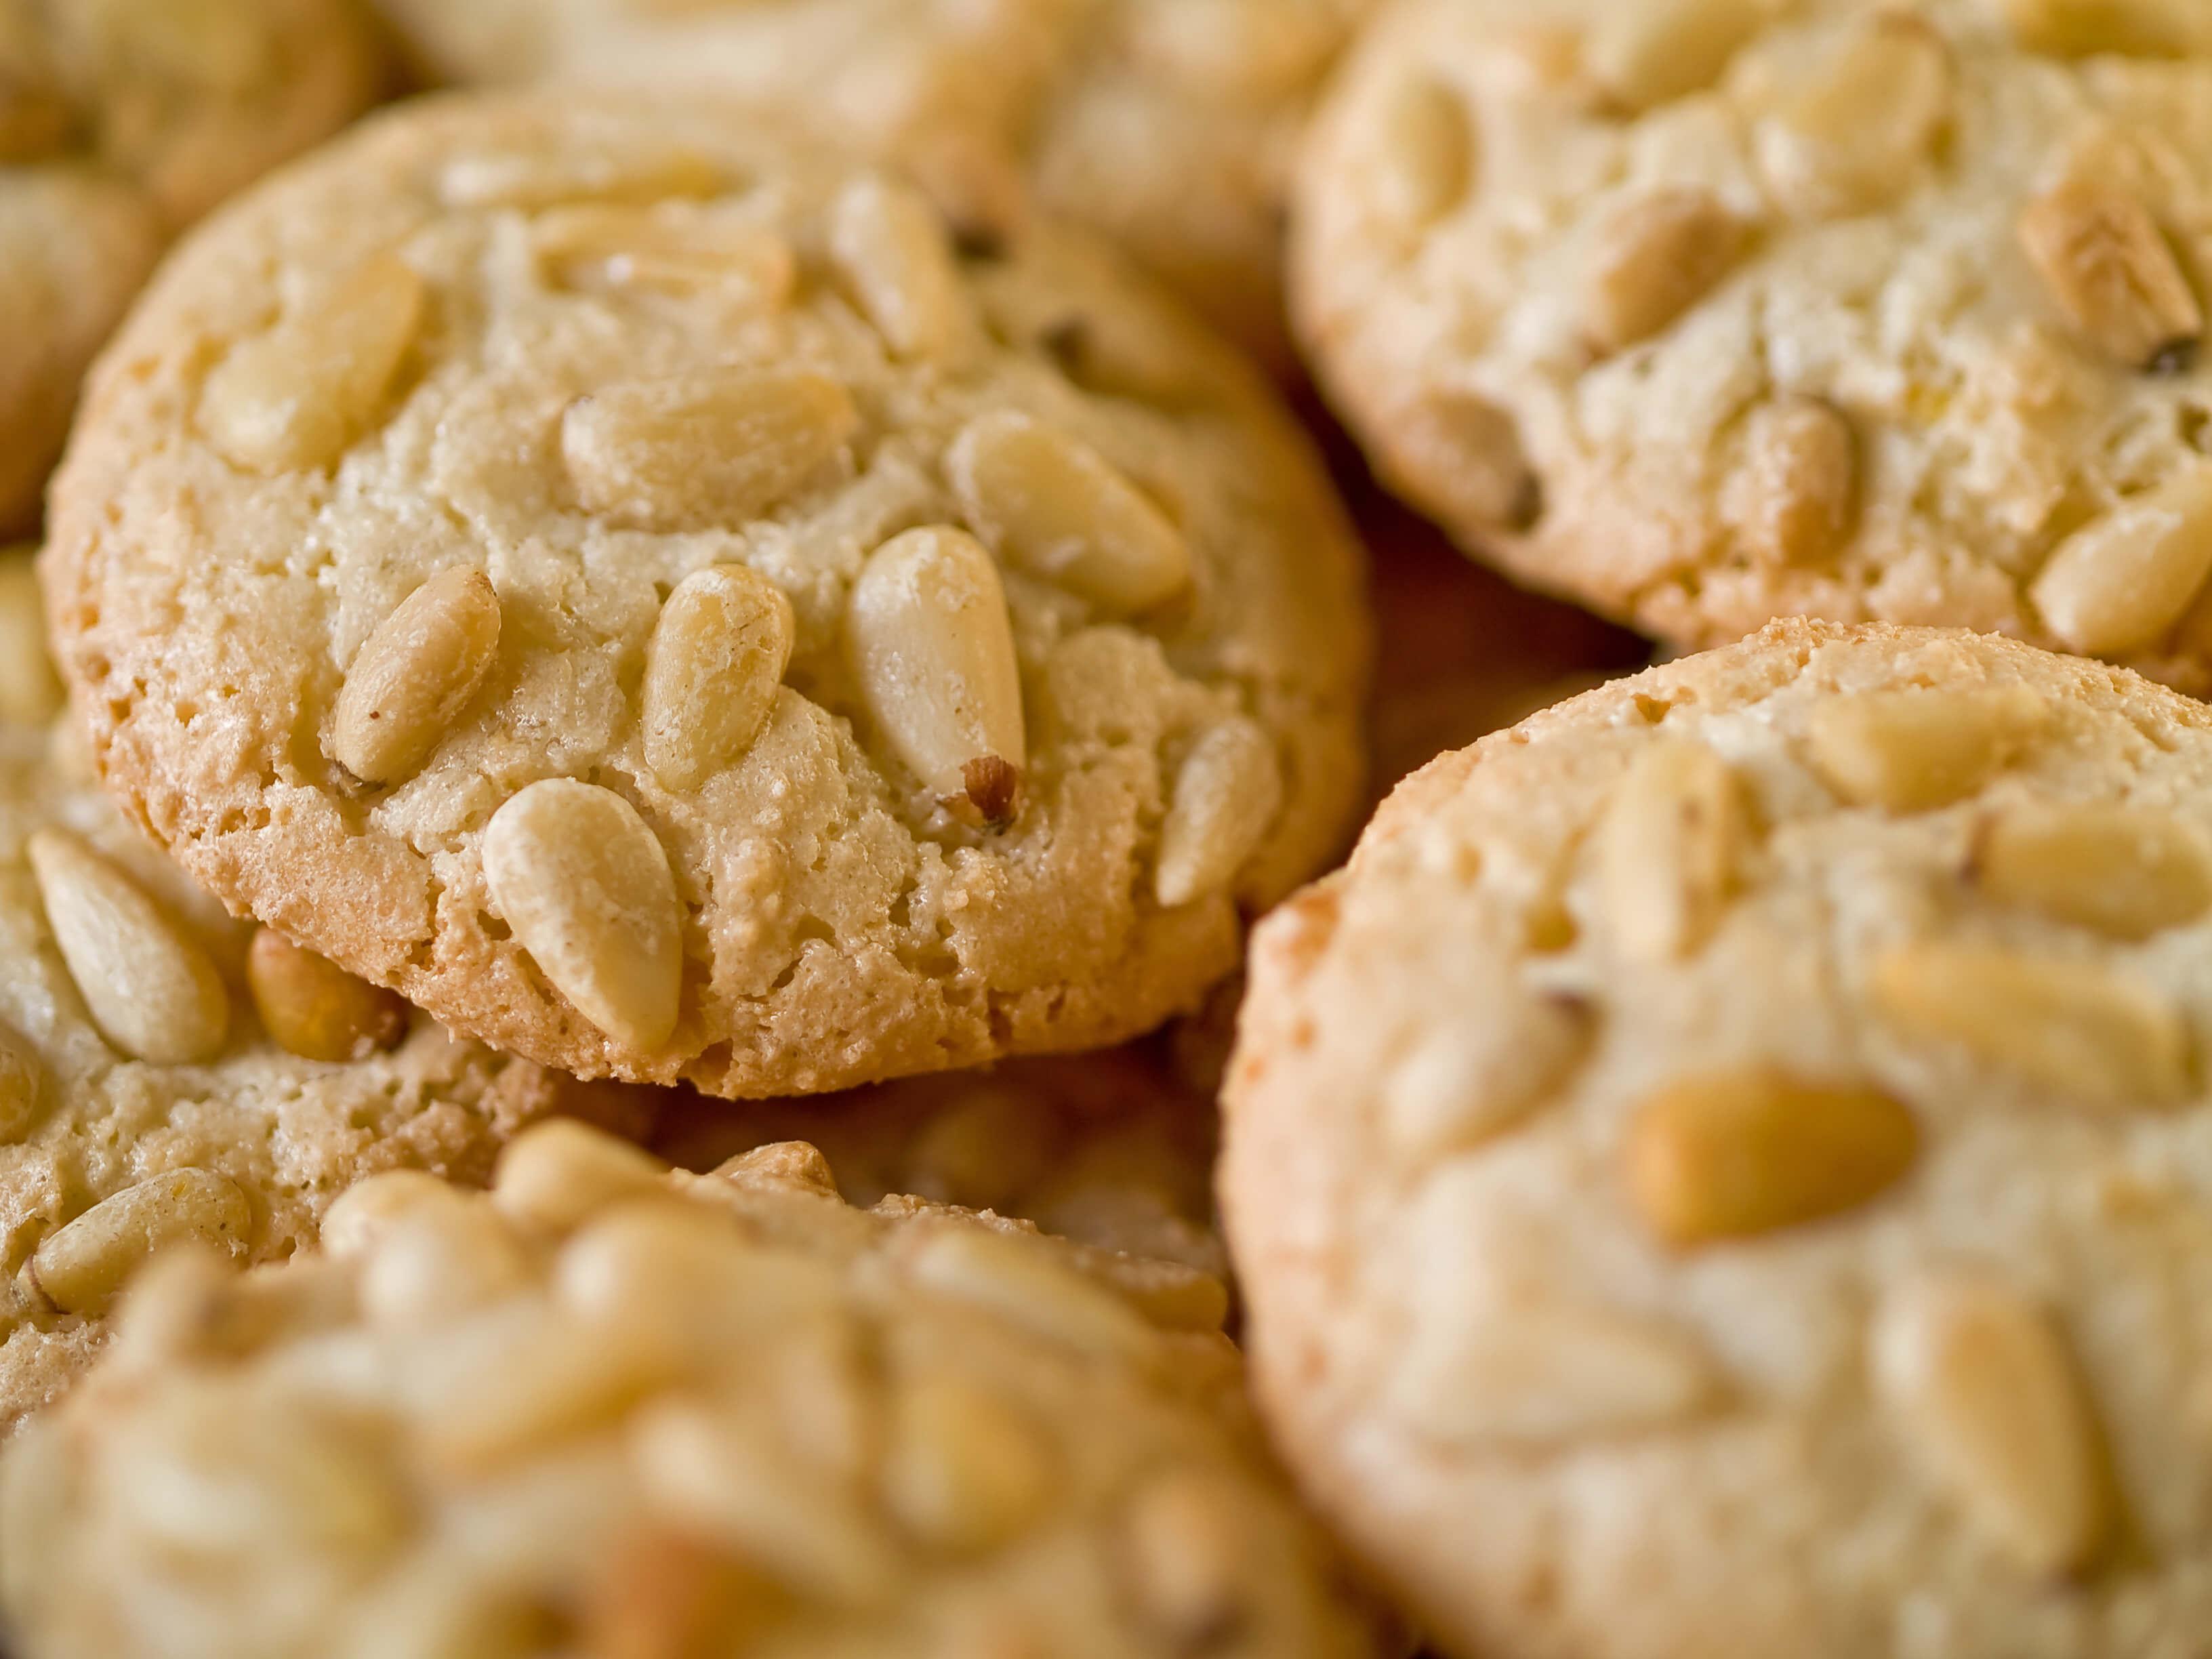 Crumbly Pignoli Cookies